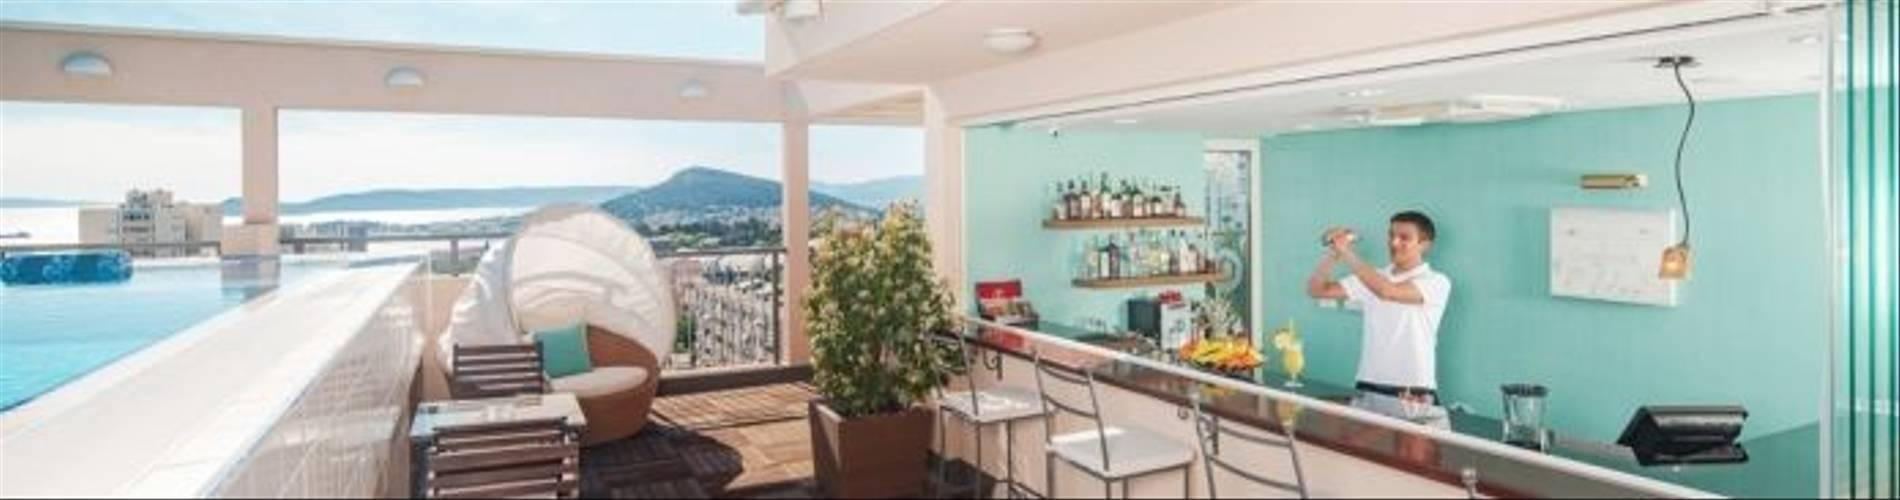 HotelResidence_DIOKLECIJAN_rooftop-bar-sundeck-day_2048px_DSC03658-695x409.jpg